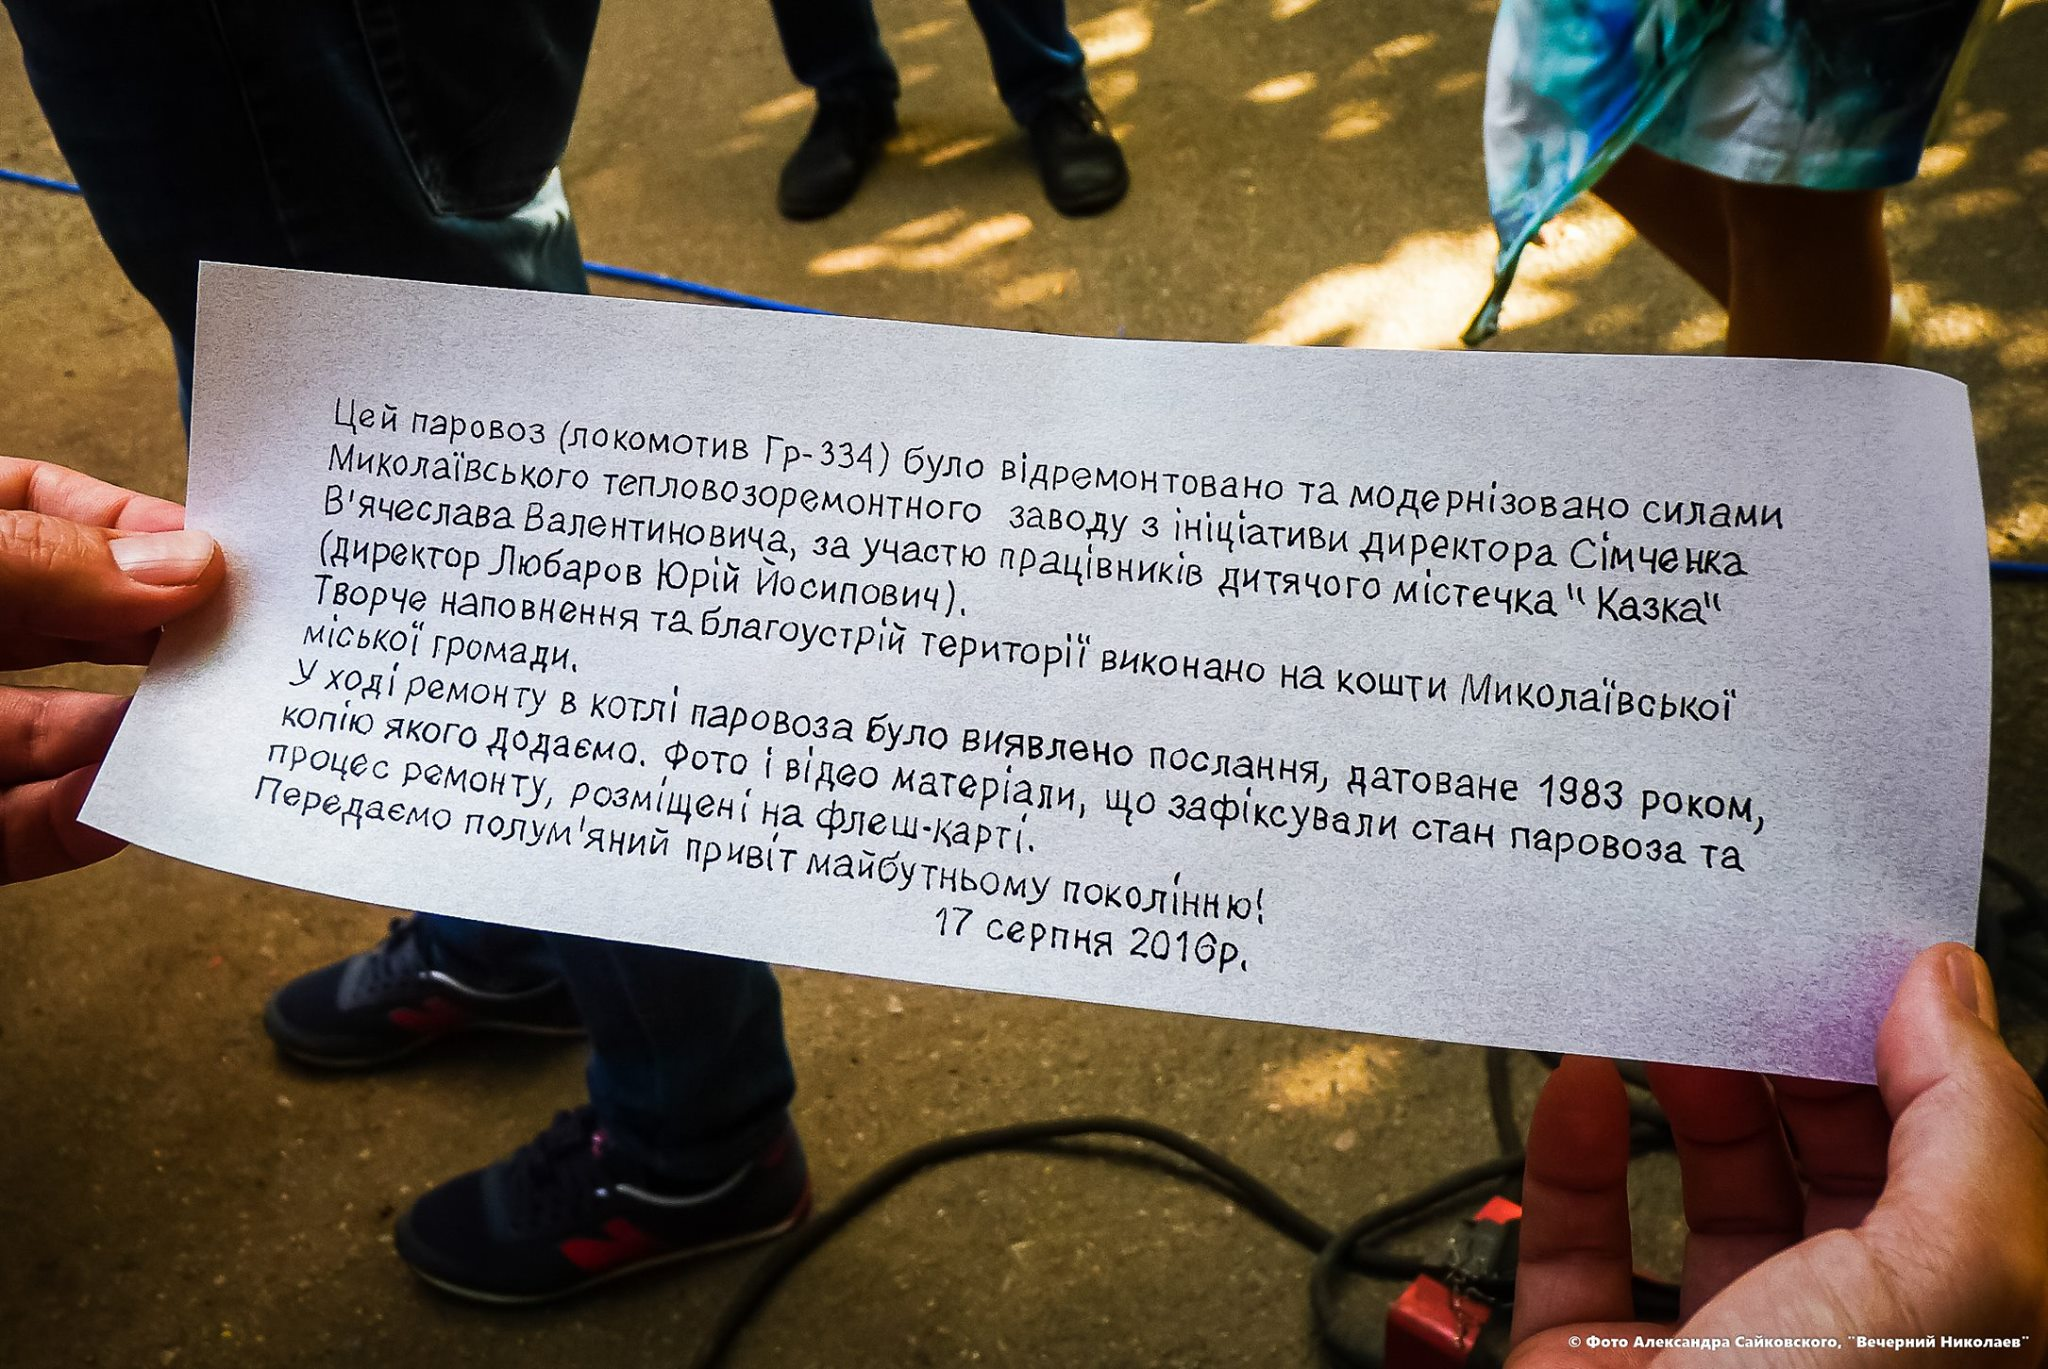 """Миколаївці залишили послання в майбутнє у """"казковому"""" паротязі"""